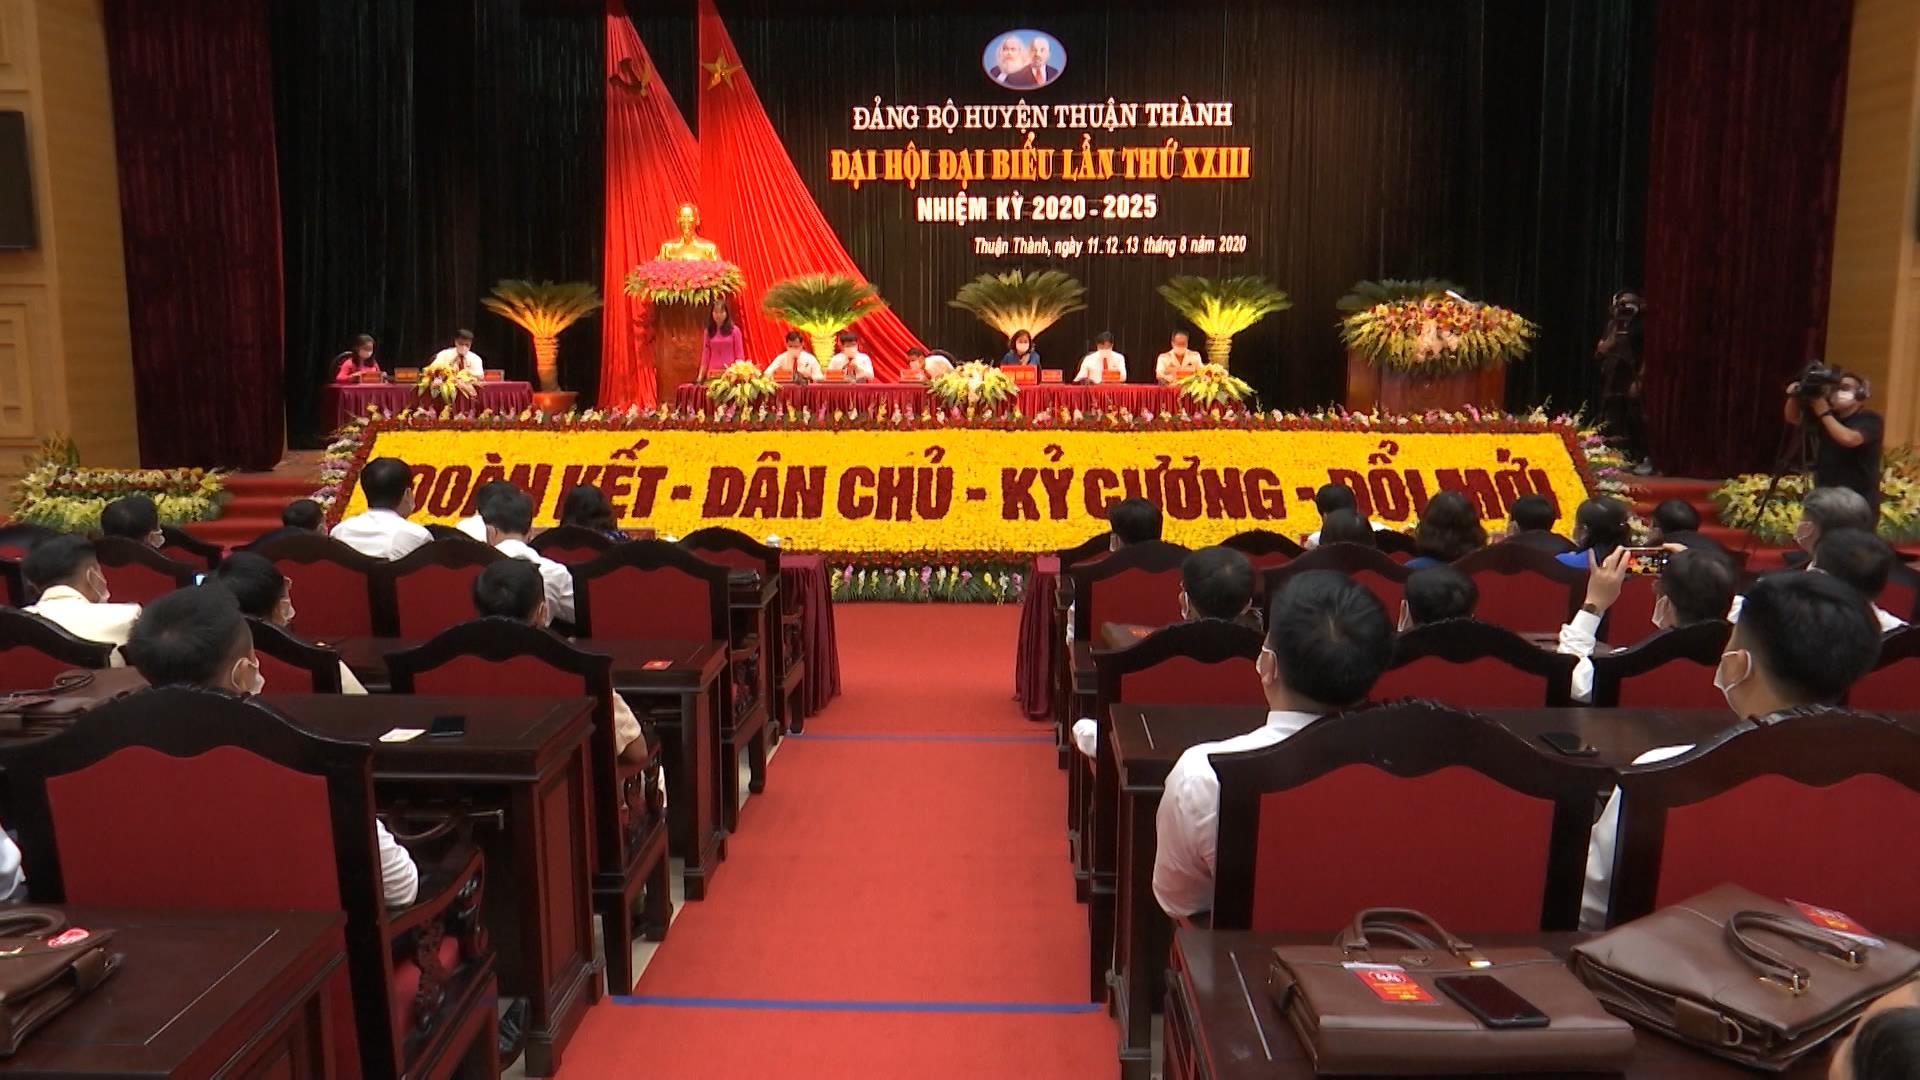 Phiên làm việc thứ nhất Đại hội Đảng bộ huyện Thuận Thành lần thứ XXIII